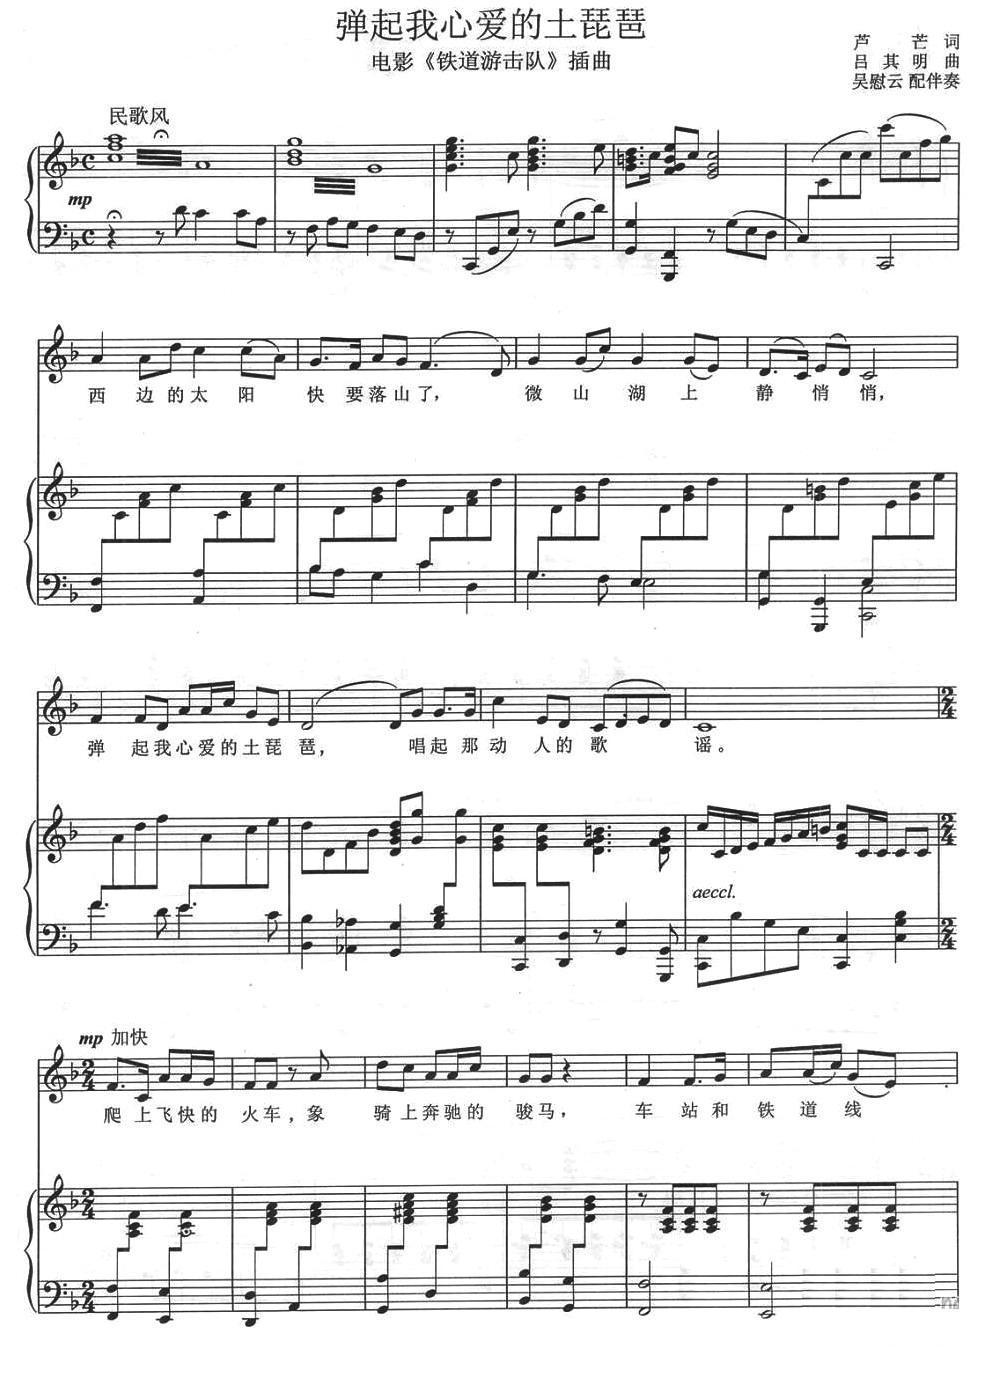 弹起我心爱的土琵琶